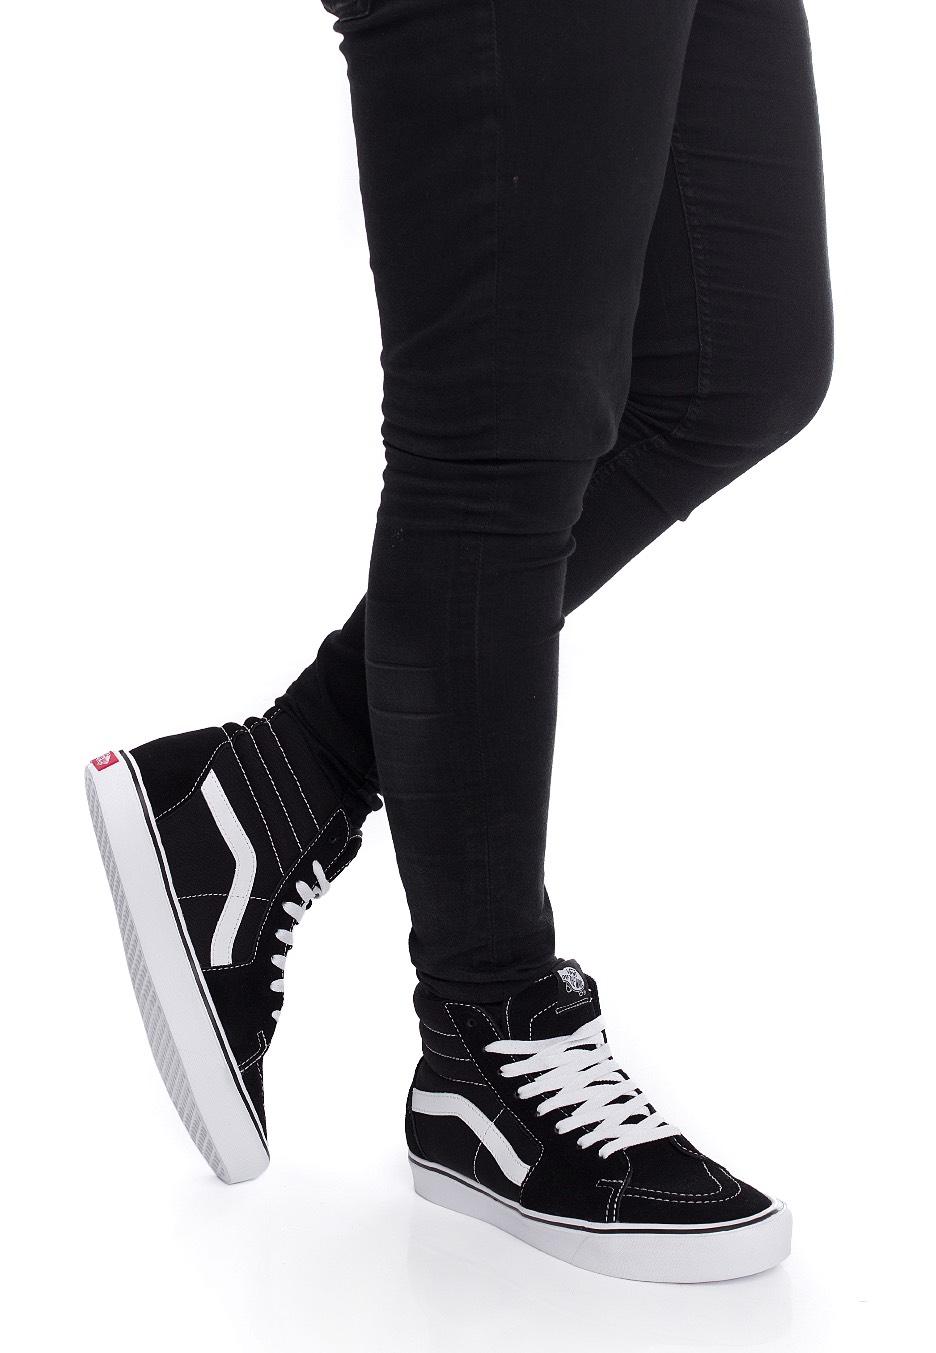 f6c71f7922 Vans - Sk8‐Hi Lite Suede Canvas Black White - Schuhe - Impericon.com DE